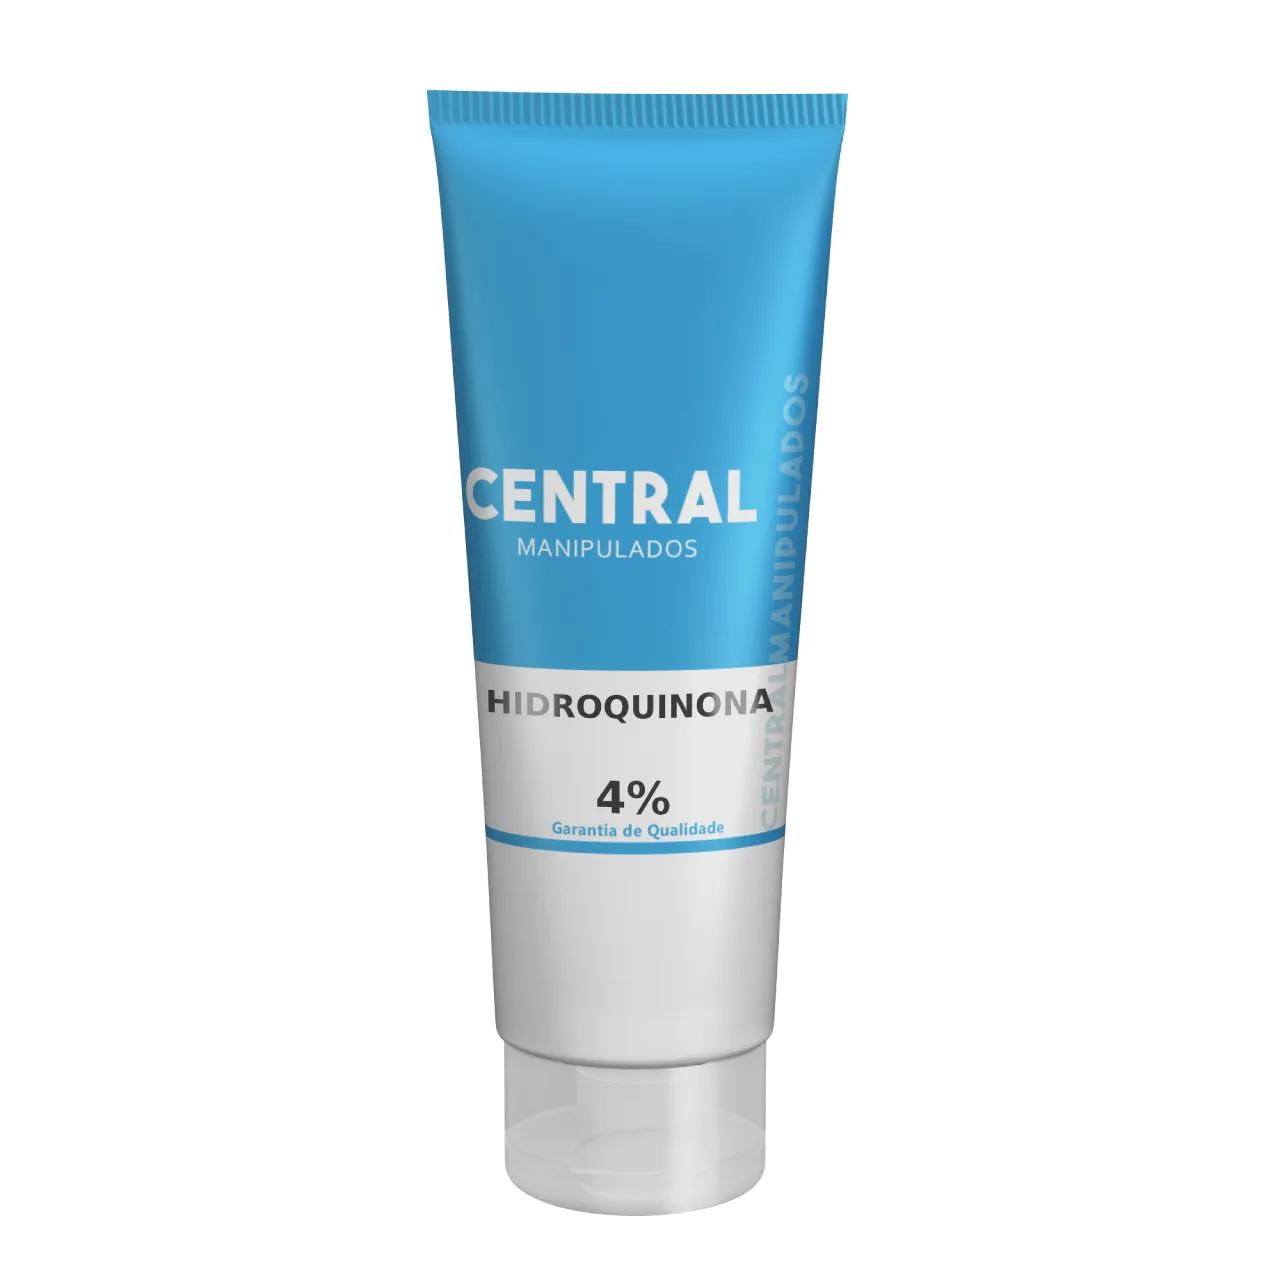 Hidroquinona 4% - 30g Creme - Clareador da Pele, Remove Manchas e Sardas